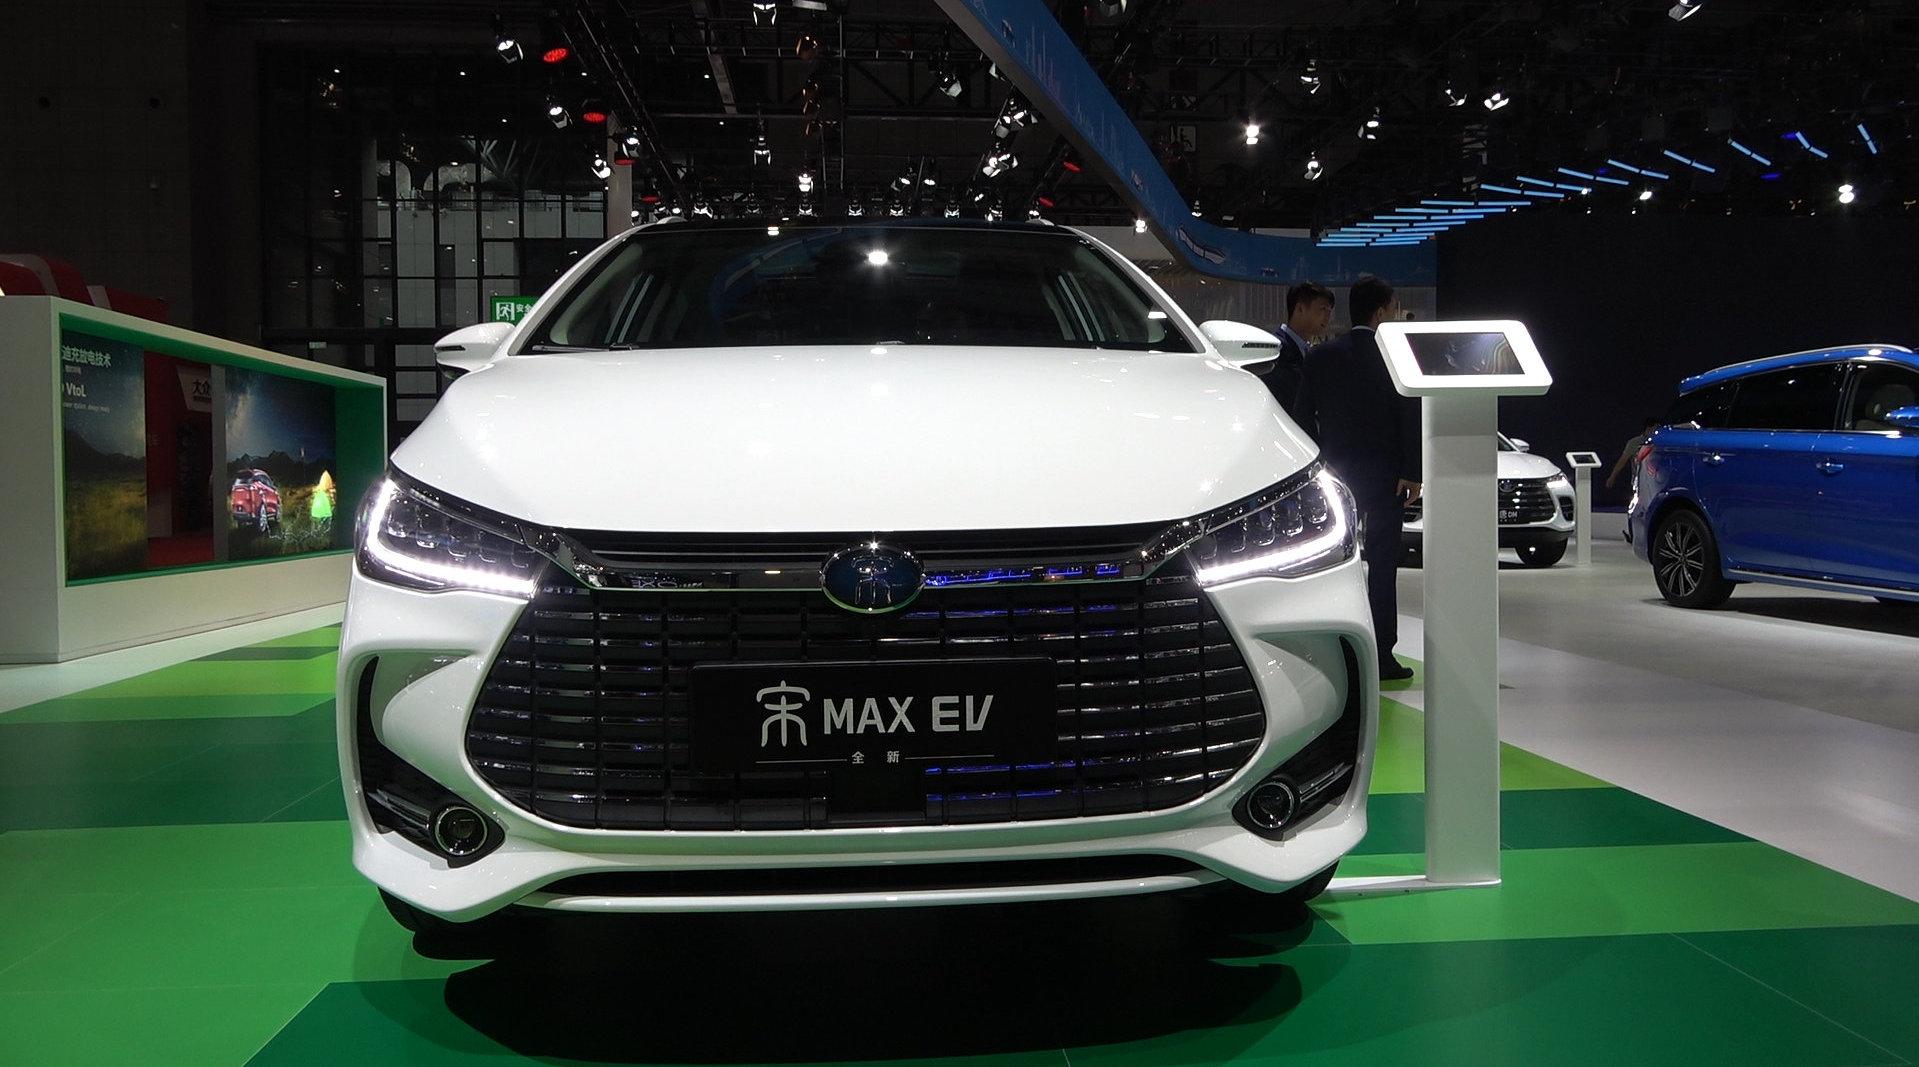 视频:2019上海车展 实拍比亚迪宋MAX EV